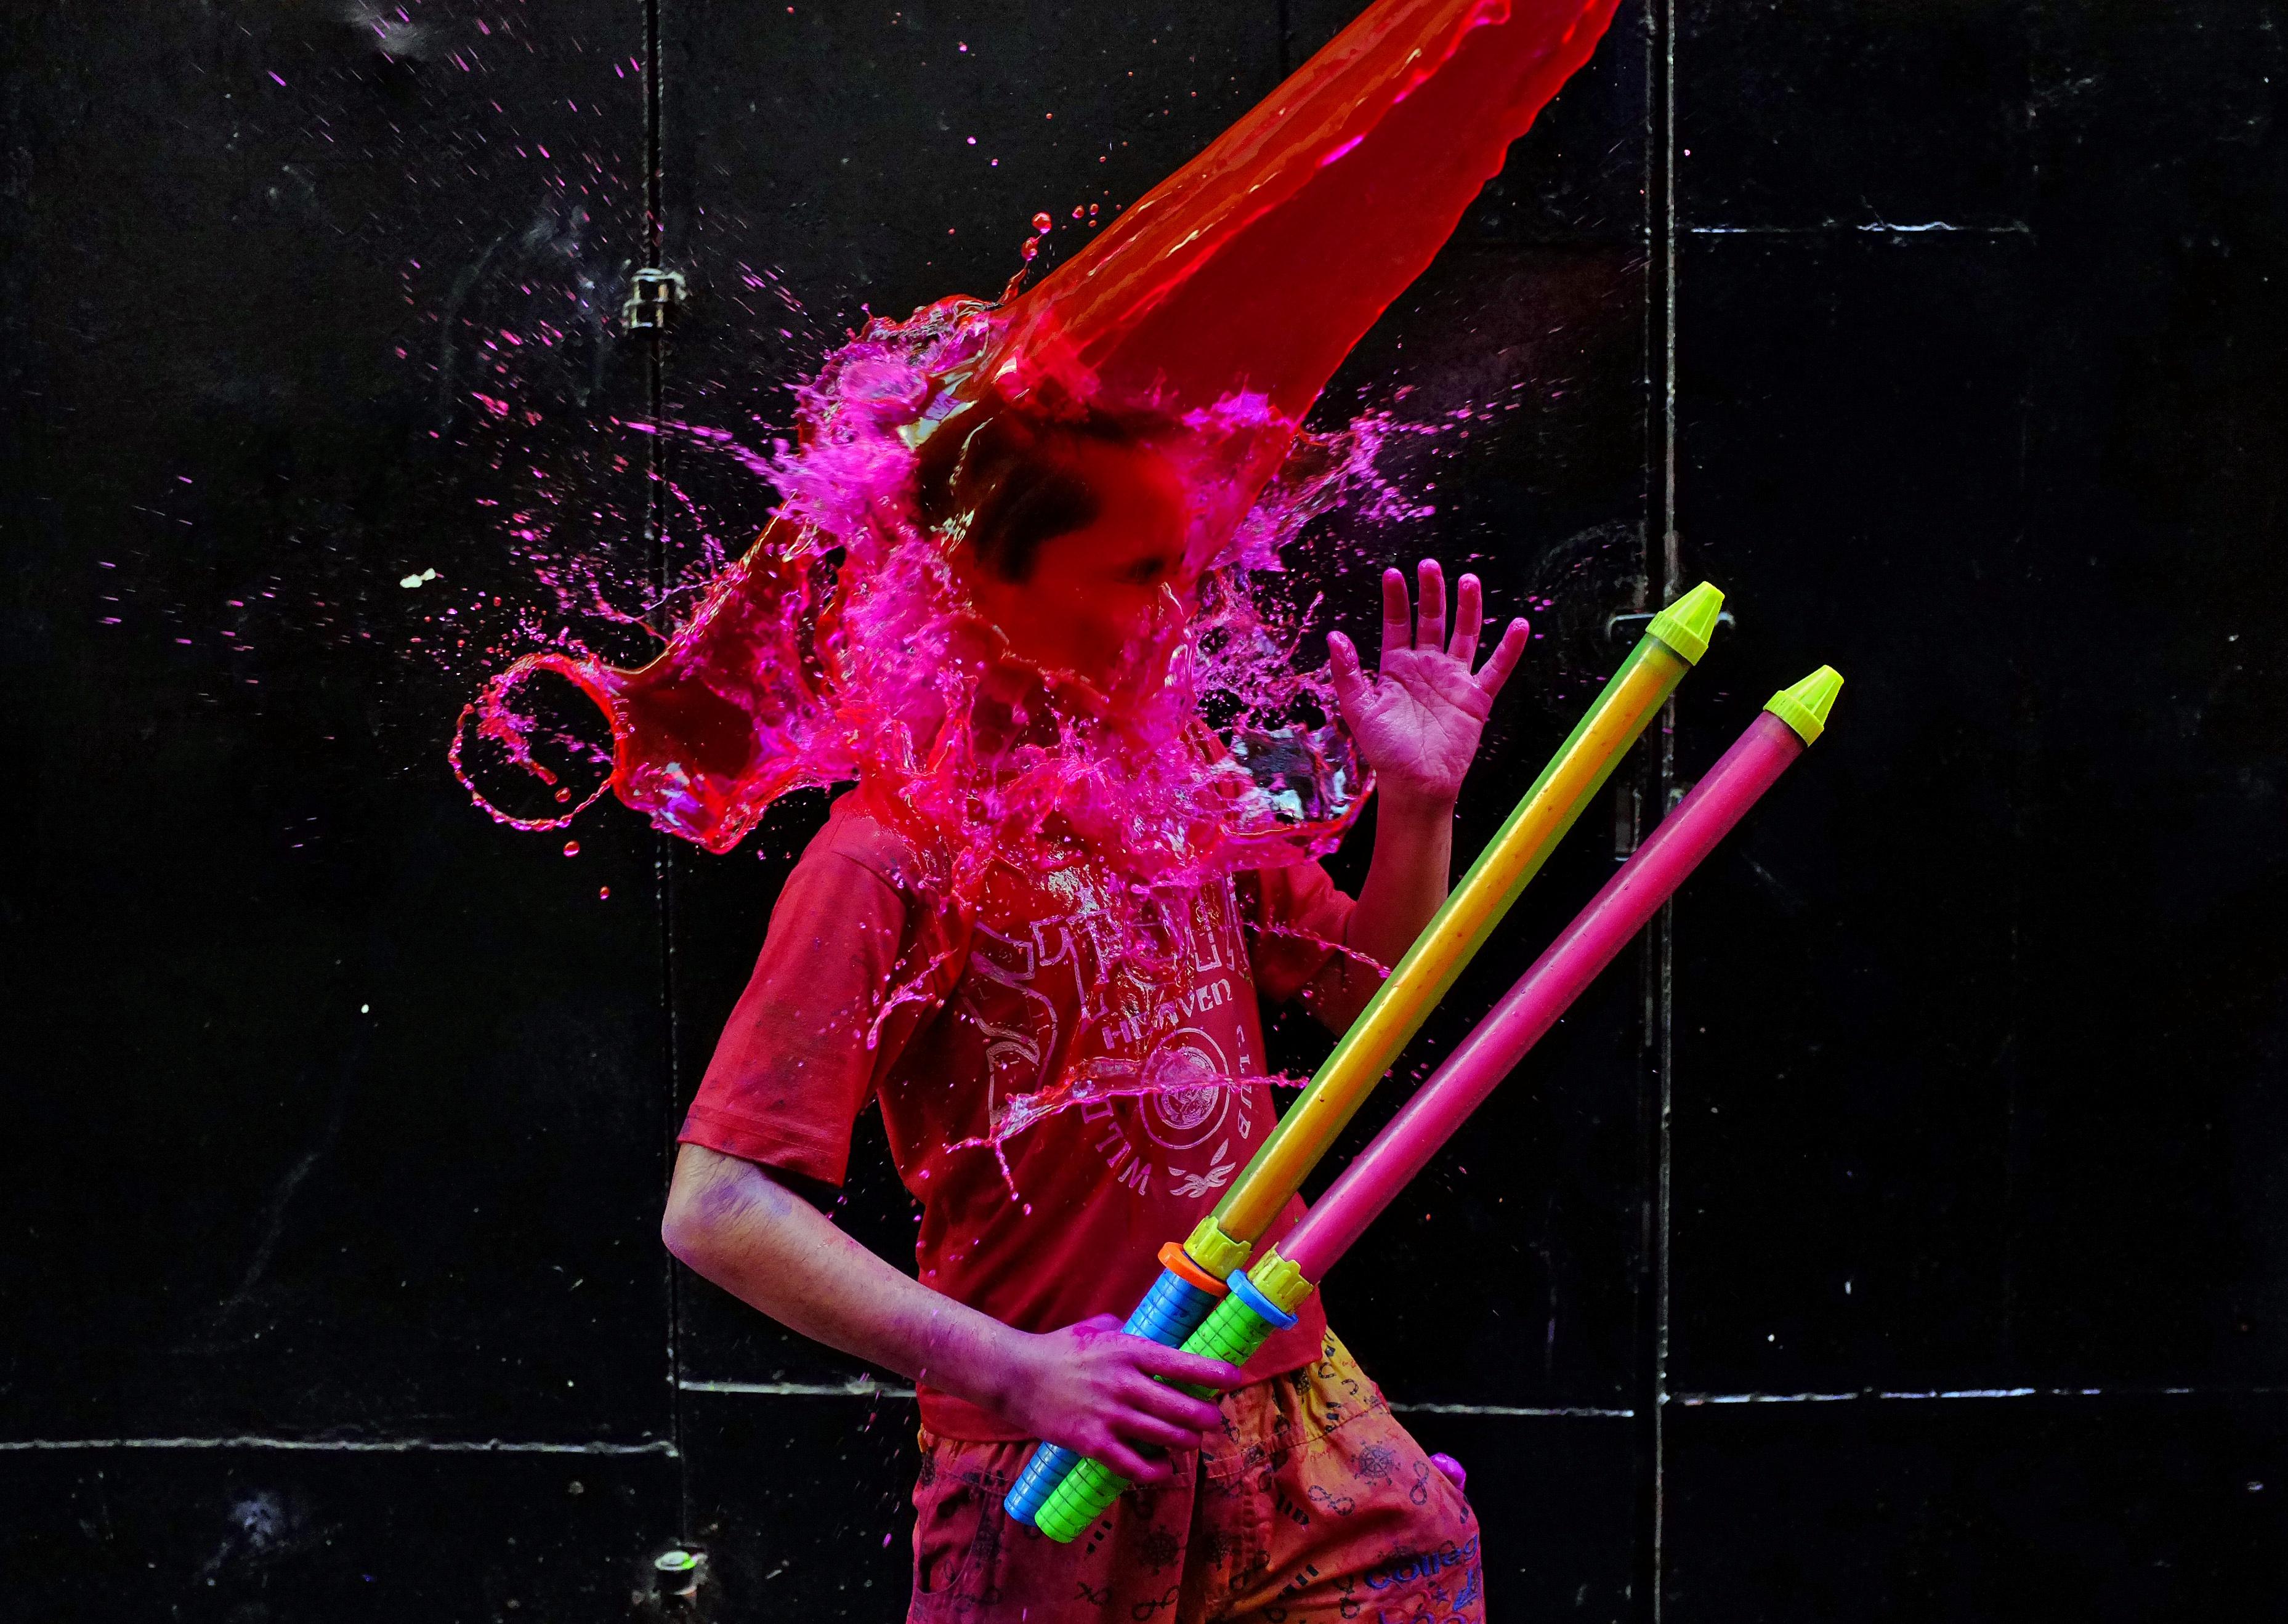 مهرجان الألوان المبهجة فى الهند